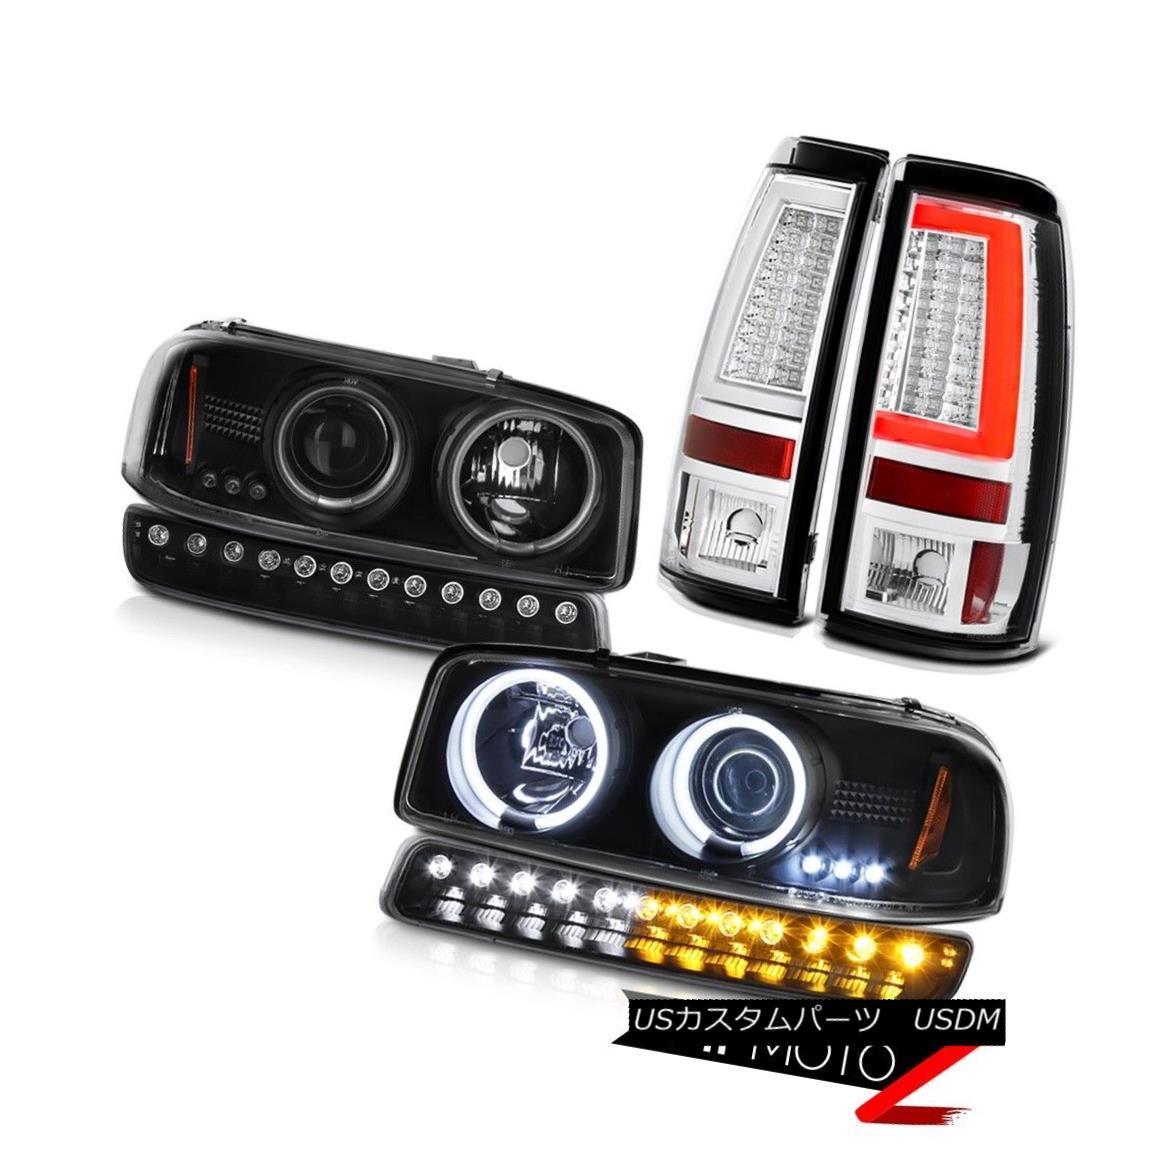 テールライト 99-06 Sierra 6.6L Euro Chrome Taillamps Signal Light CCFL Headlamps